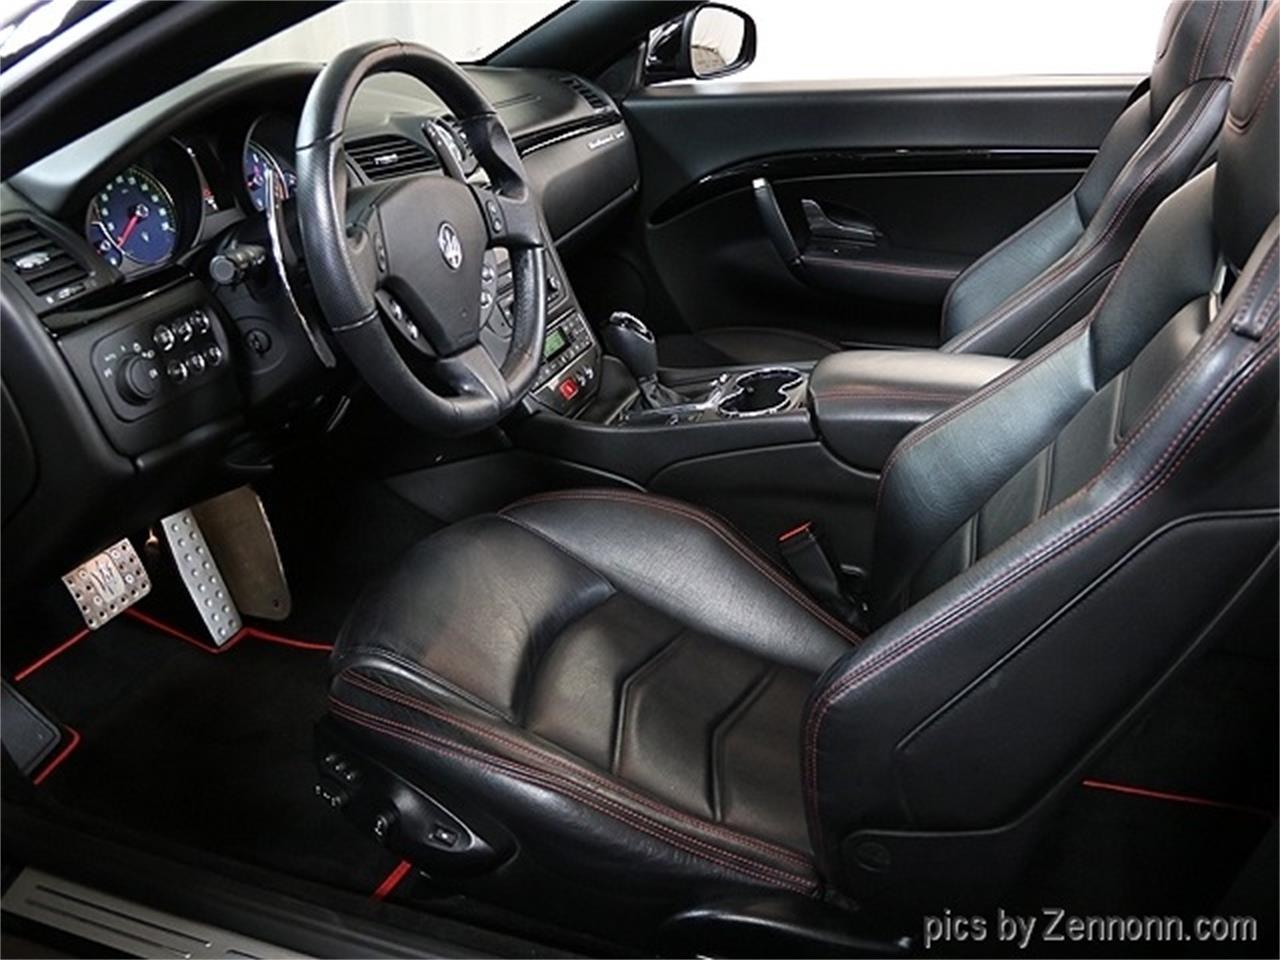 Large Picture of '16 Maserati GranTurismo - $68,990.00 - R2Q7